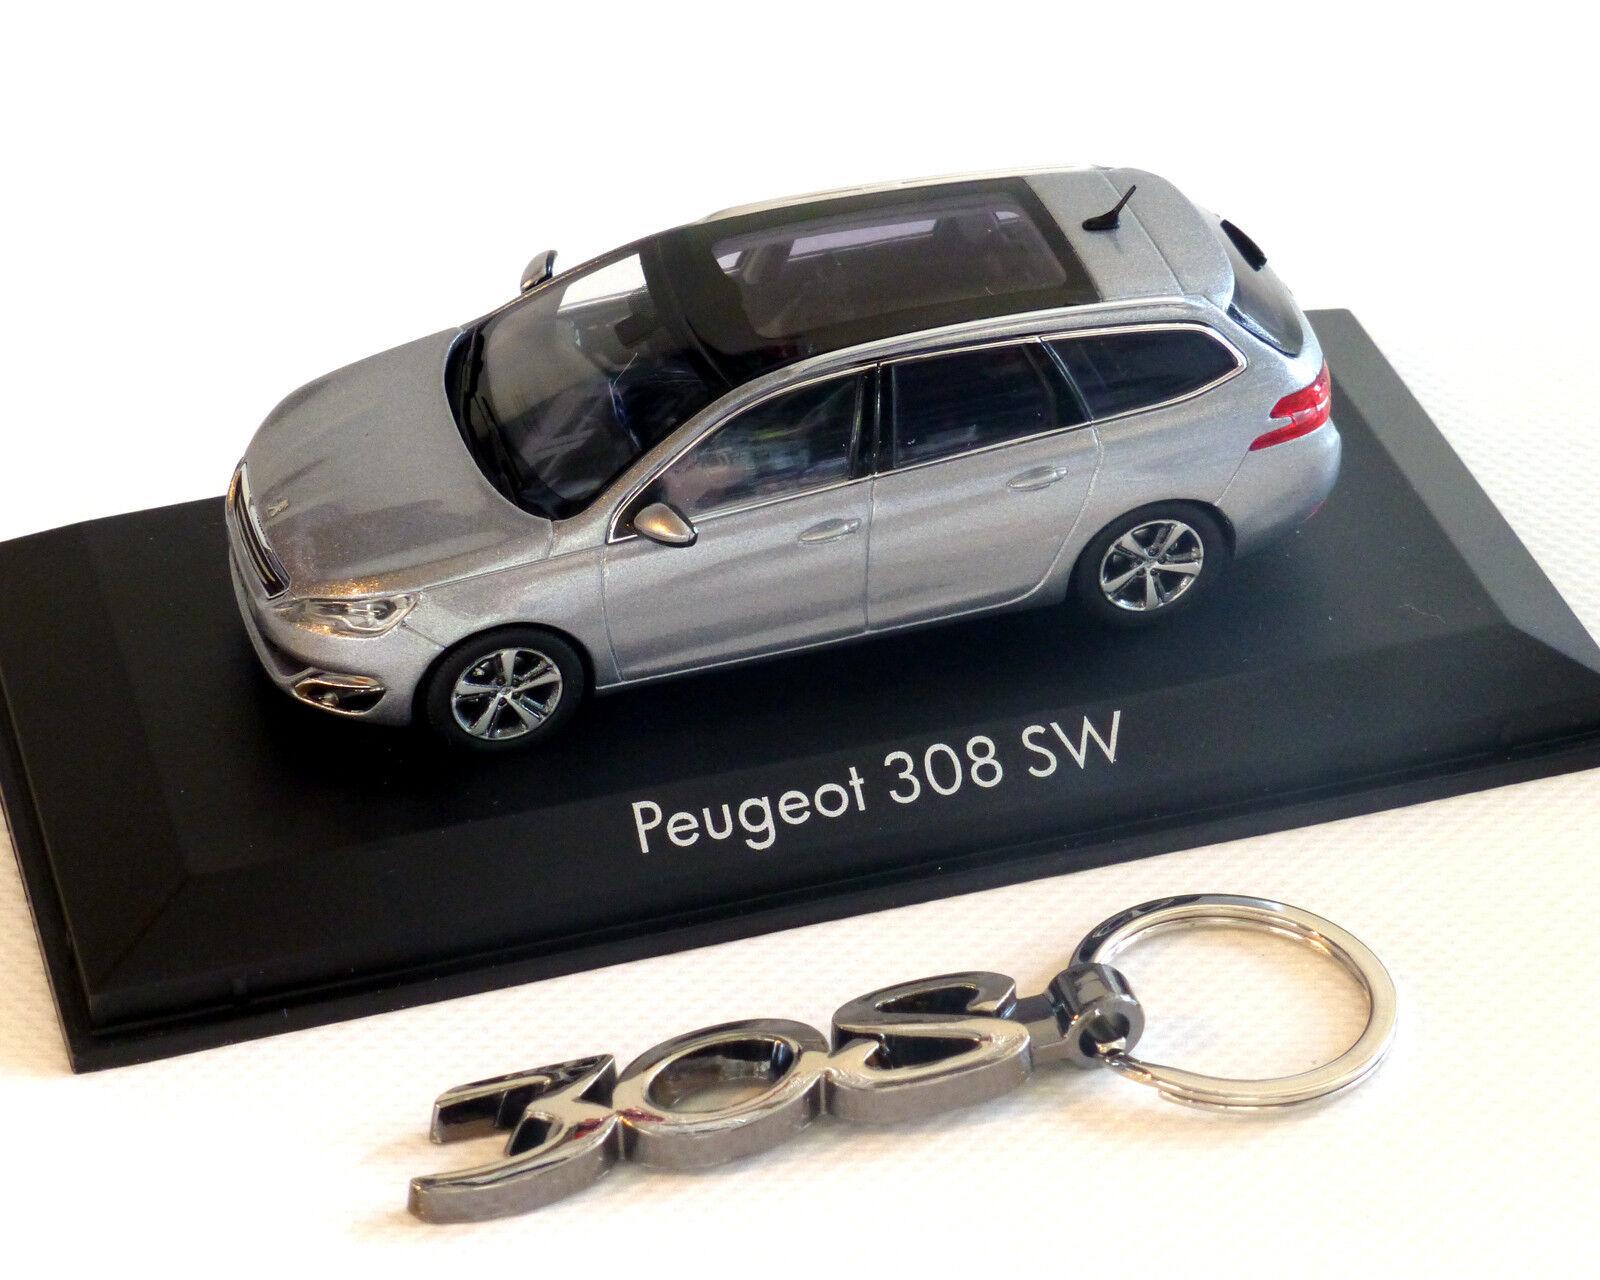 Peugeot 308 sw argent métallisé, métallisé, métallisé, 1 43 et porte clé ddd574